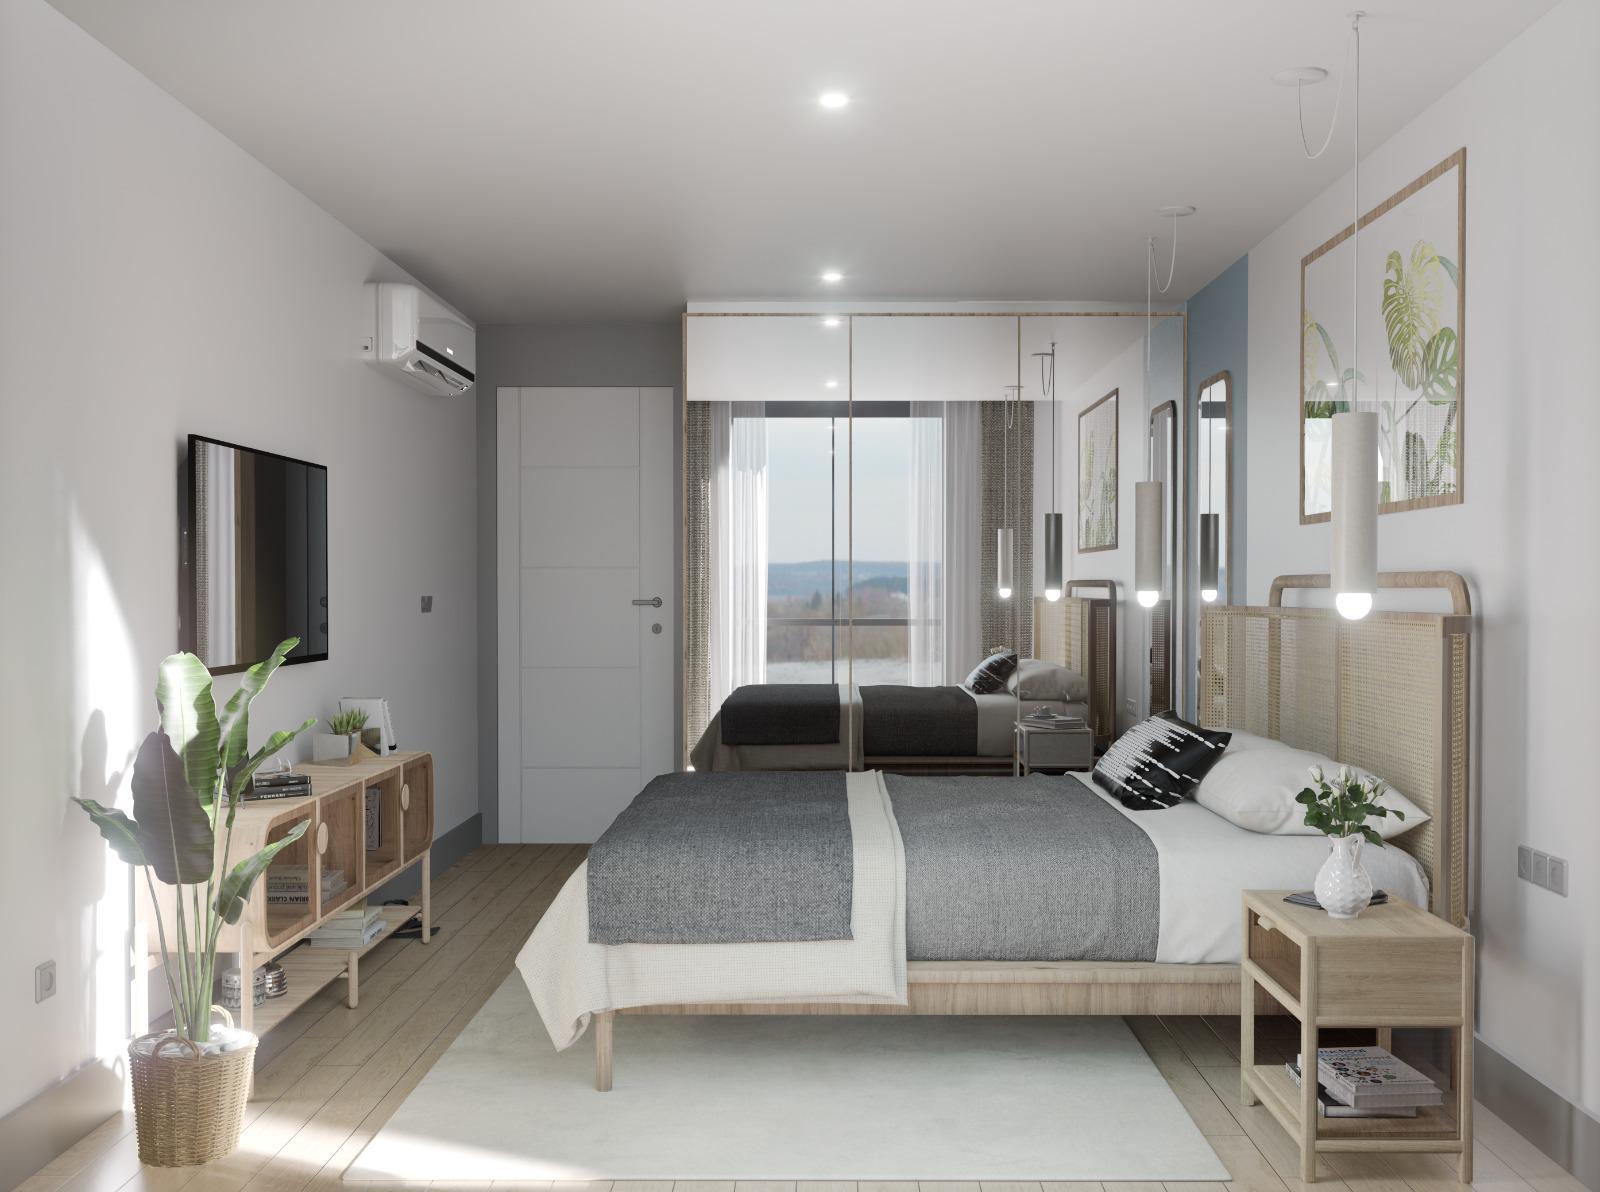 Инвестиционный проект жилого комплекса в Анталье - Фото 13